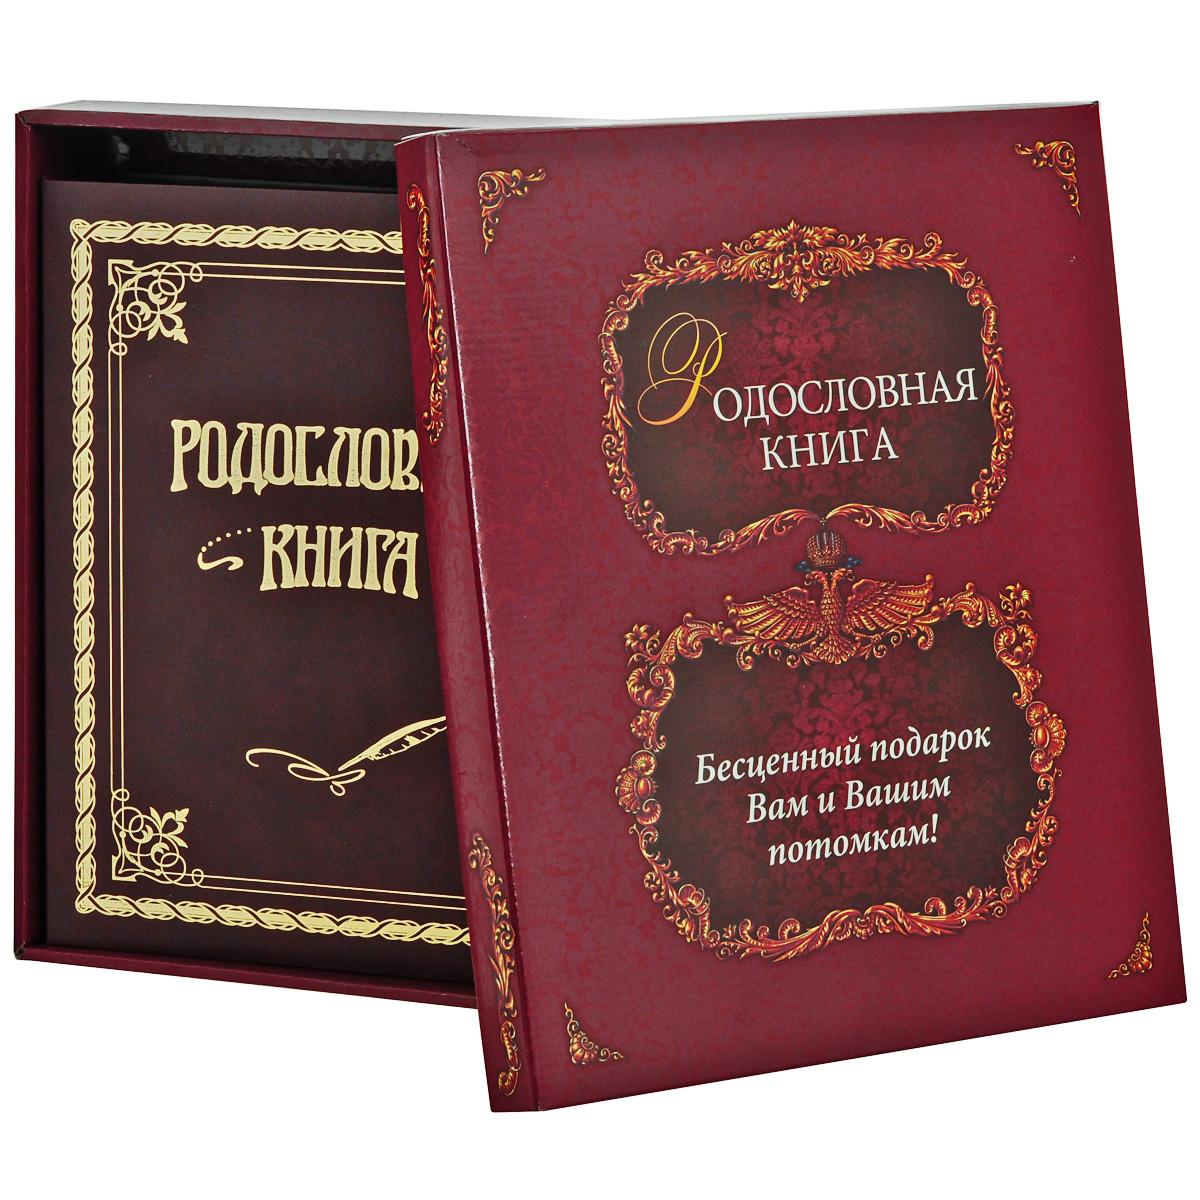 Родословная книга Классическая, цвет: вишневый. 40201001 родословная книга классическая цвет вишневый 40201001